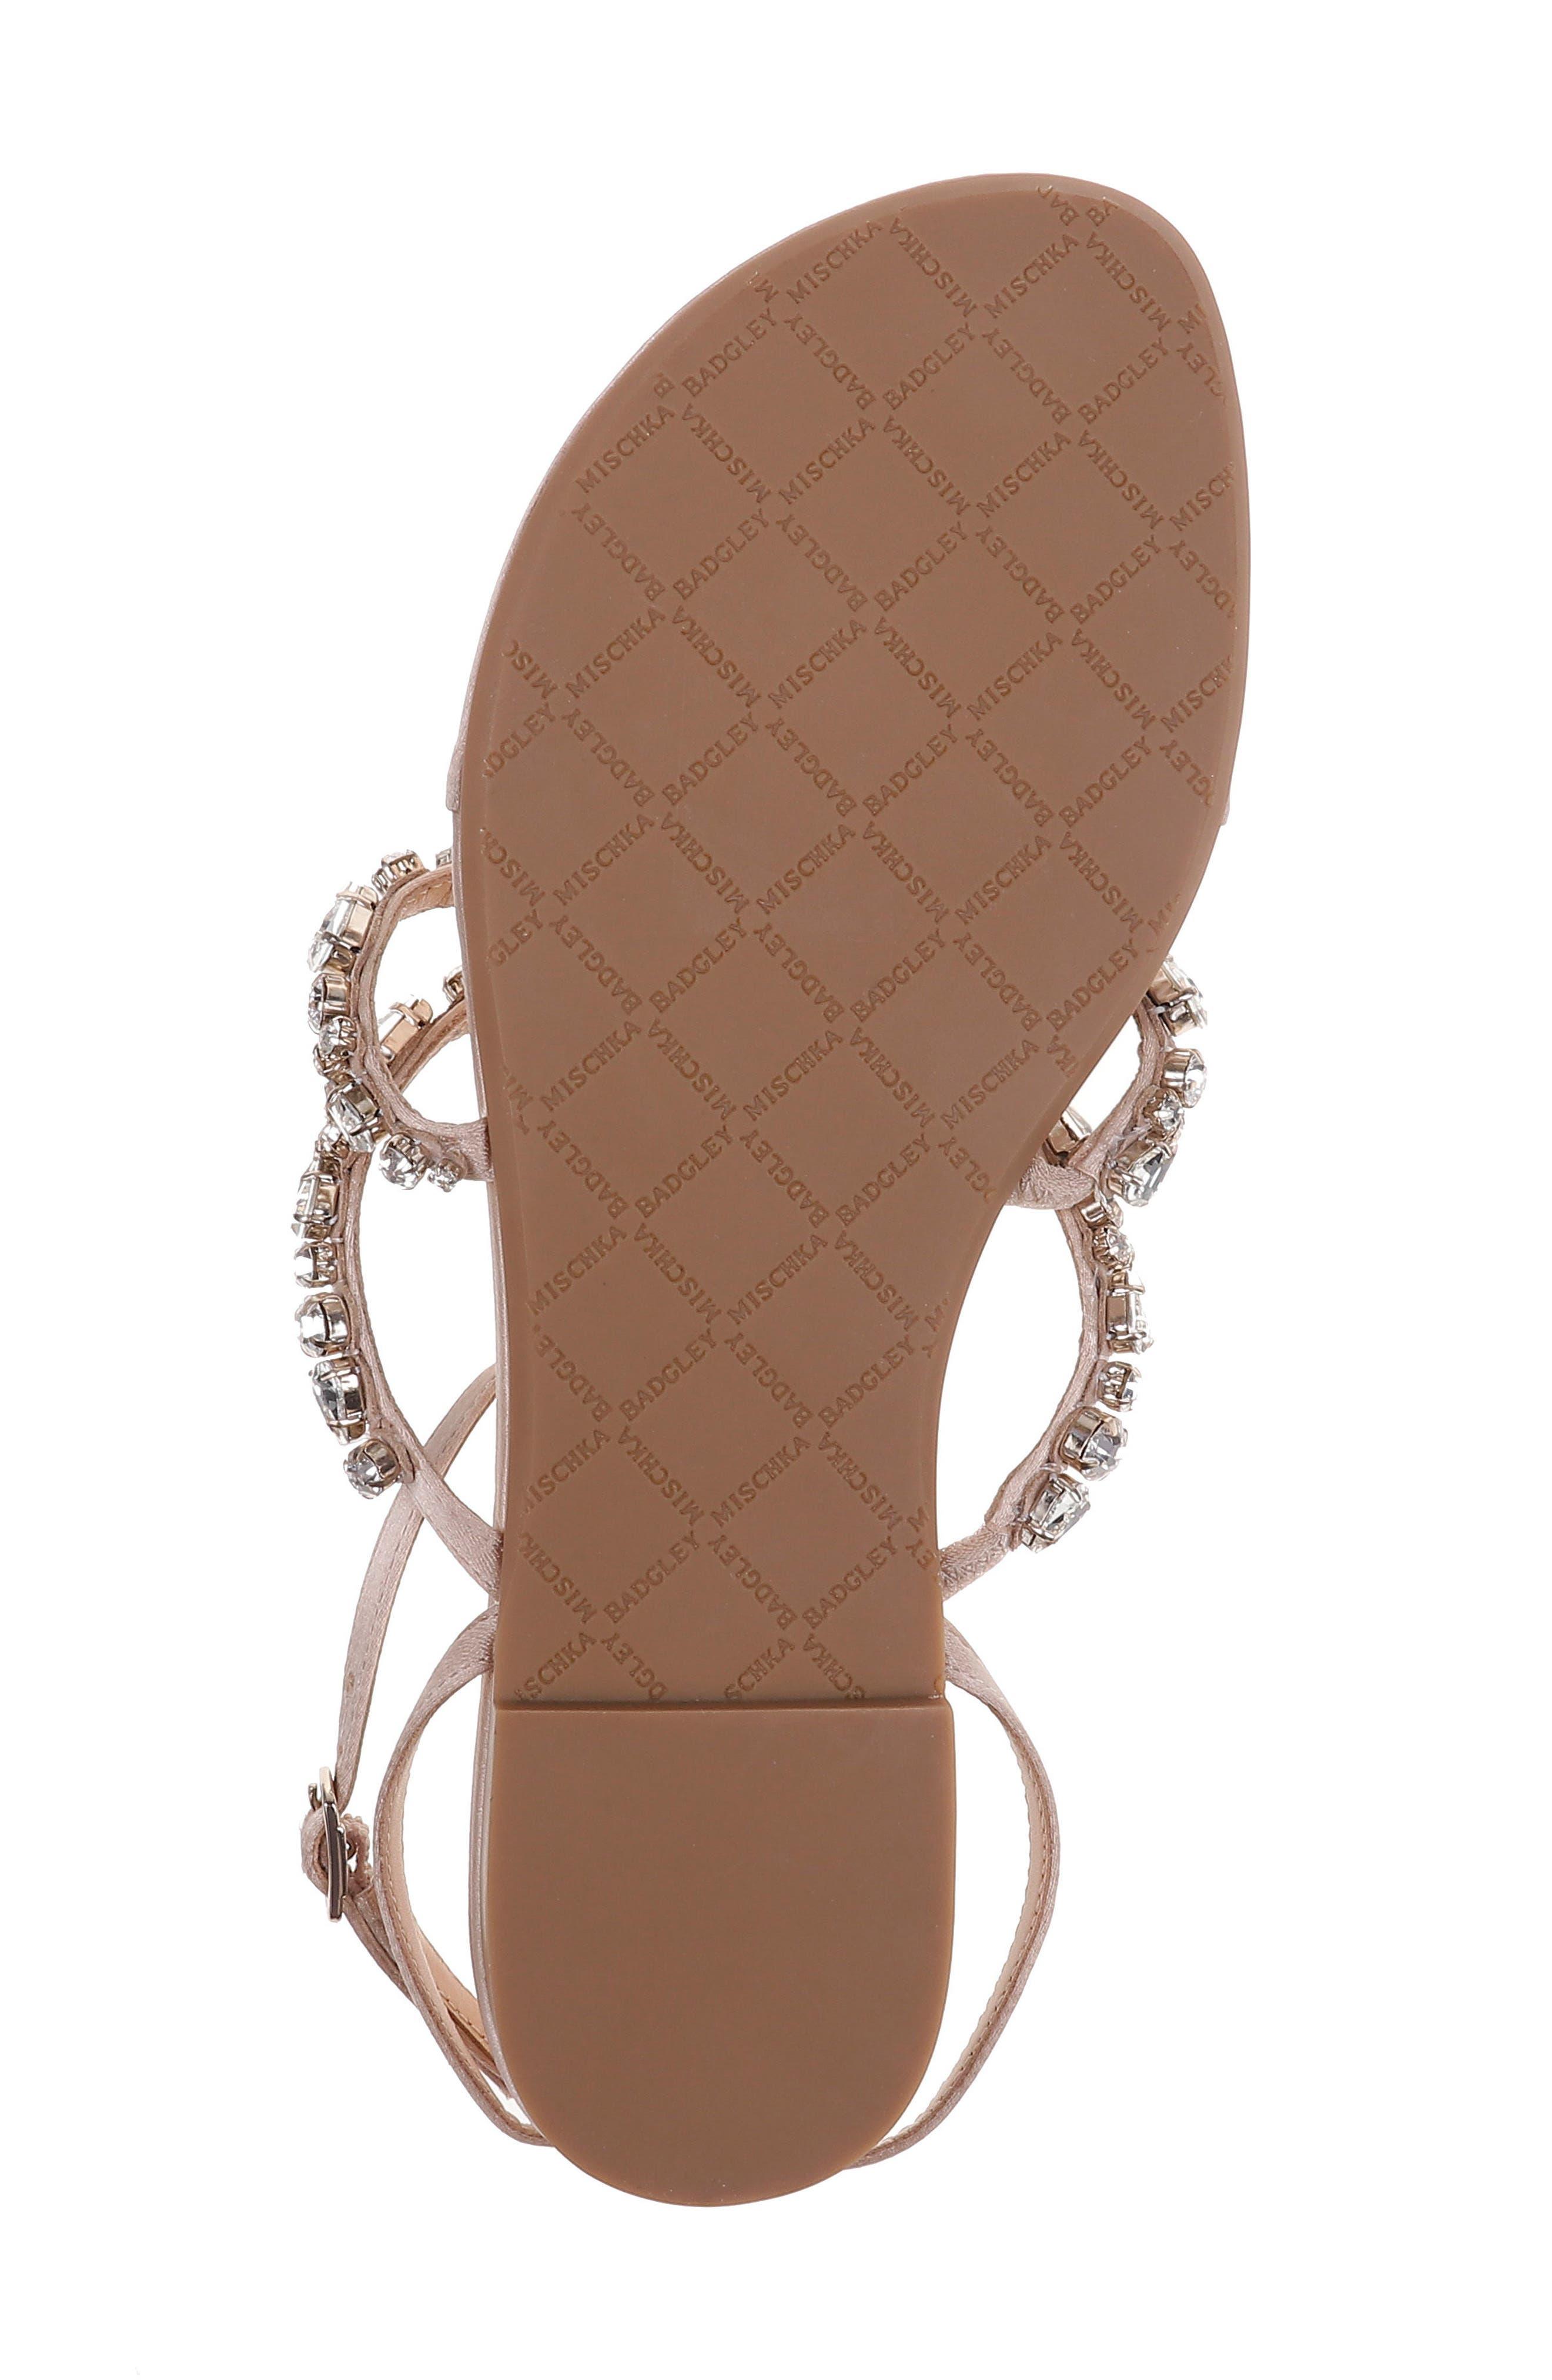 Hampden Crystal Embellished Sandal,                             Alternate thumbnail 6, color,                             LATTE SATIN